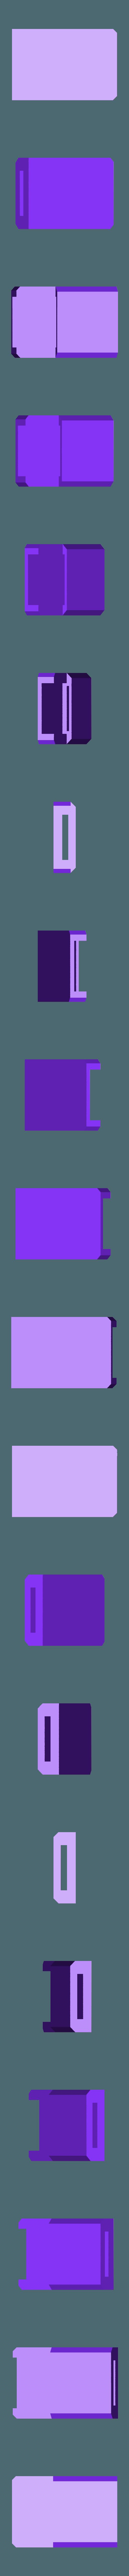 MicroSD-Inner.stl Download free STL file CR10S MicroSD to SD Housing for Inside of Side Plate • 3D print model, crzldesign